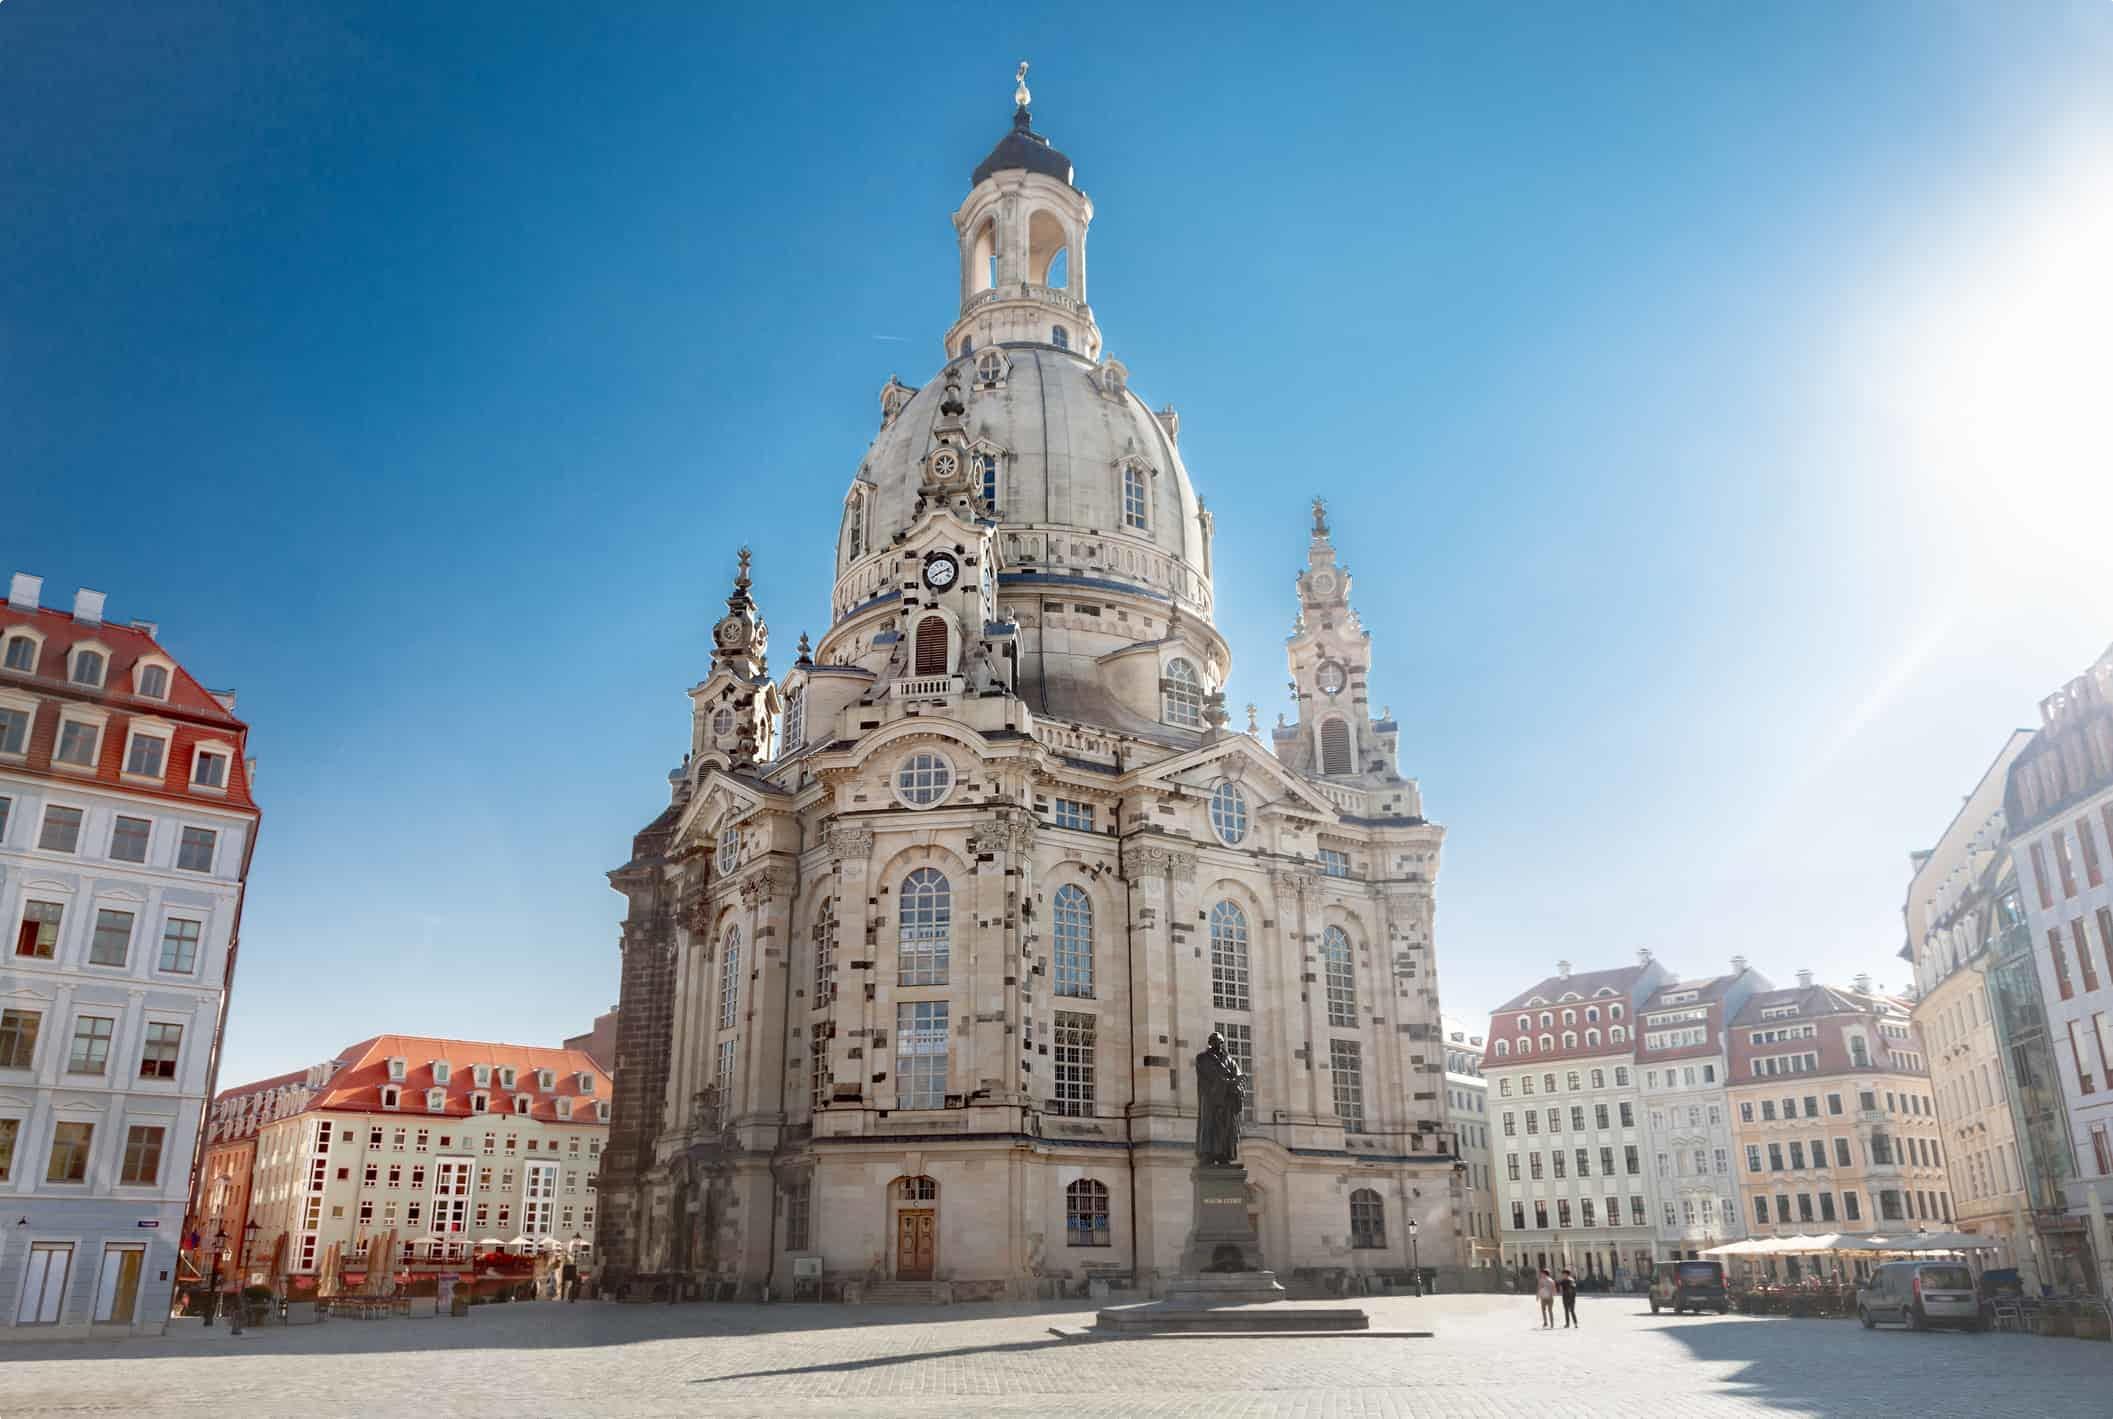 Frauenkirche in Dresden, Germany